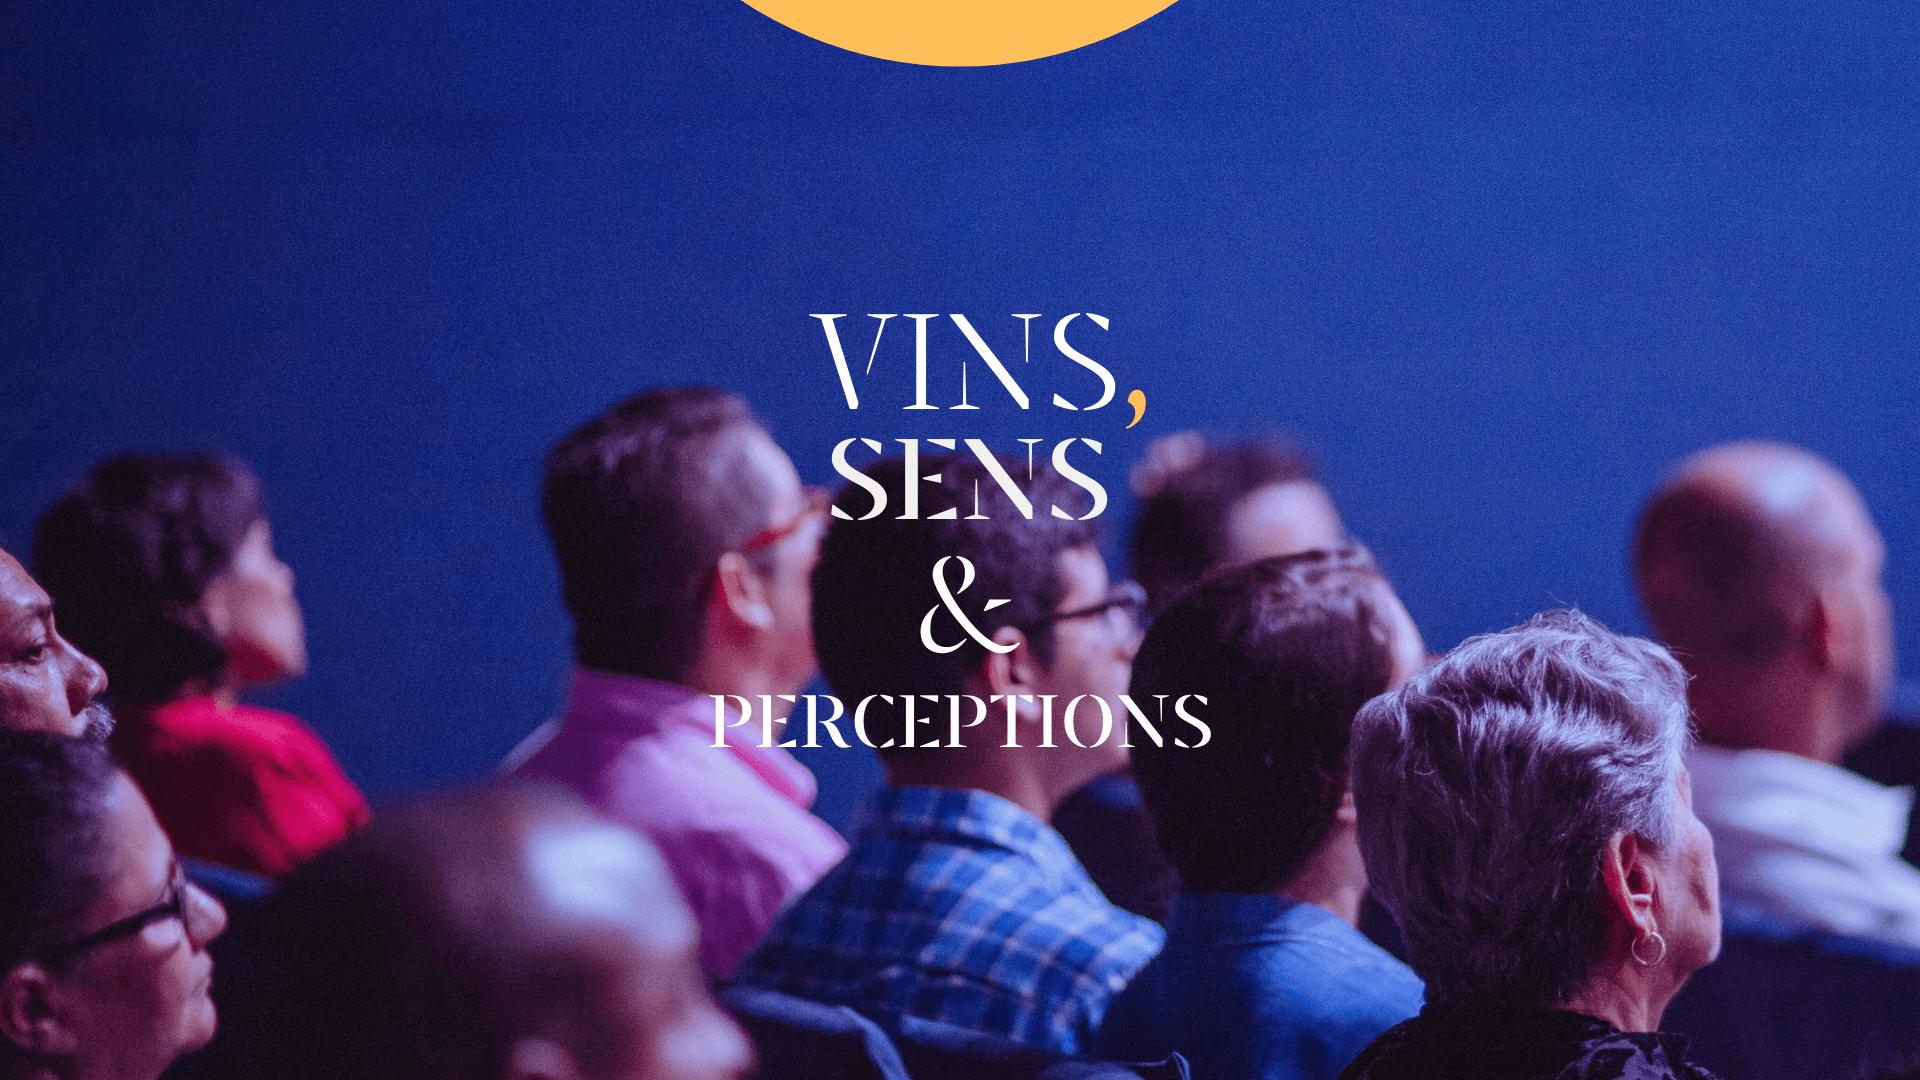 Vins, Sens & Perceptions - Chateau d'Arche